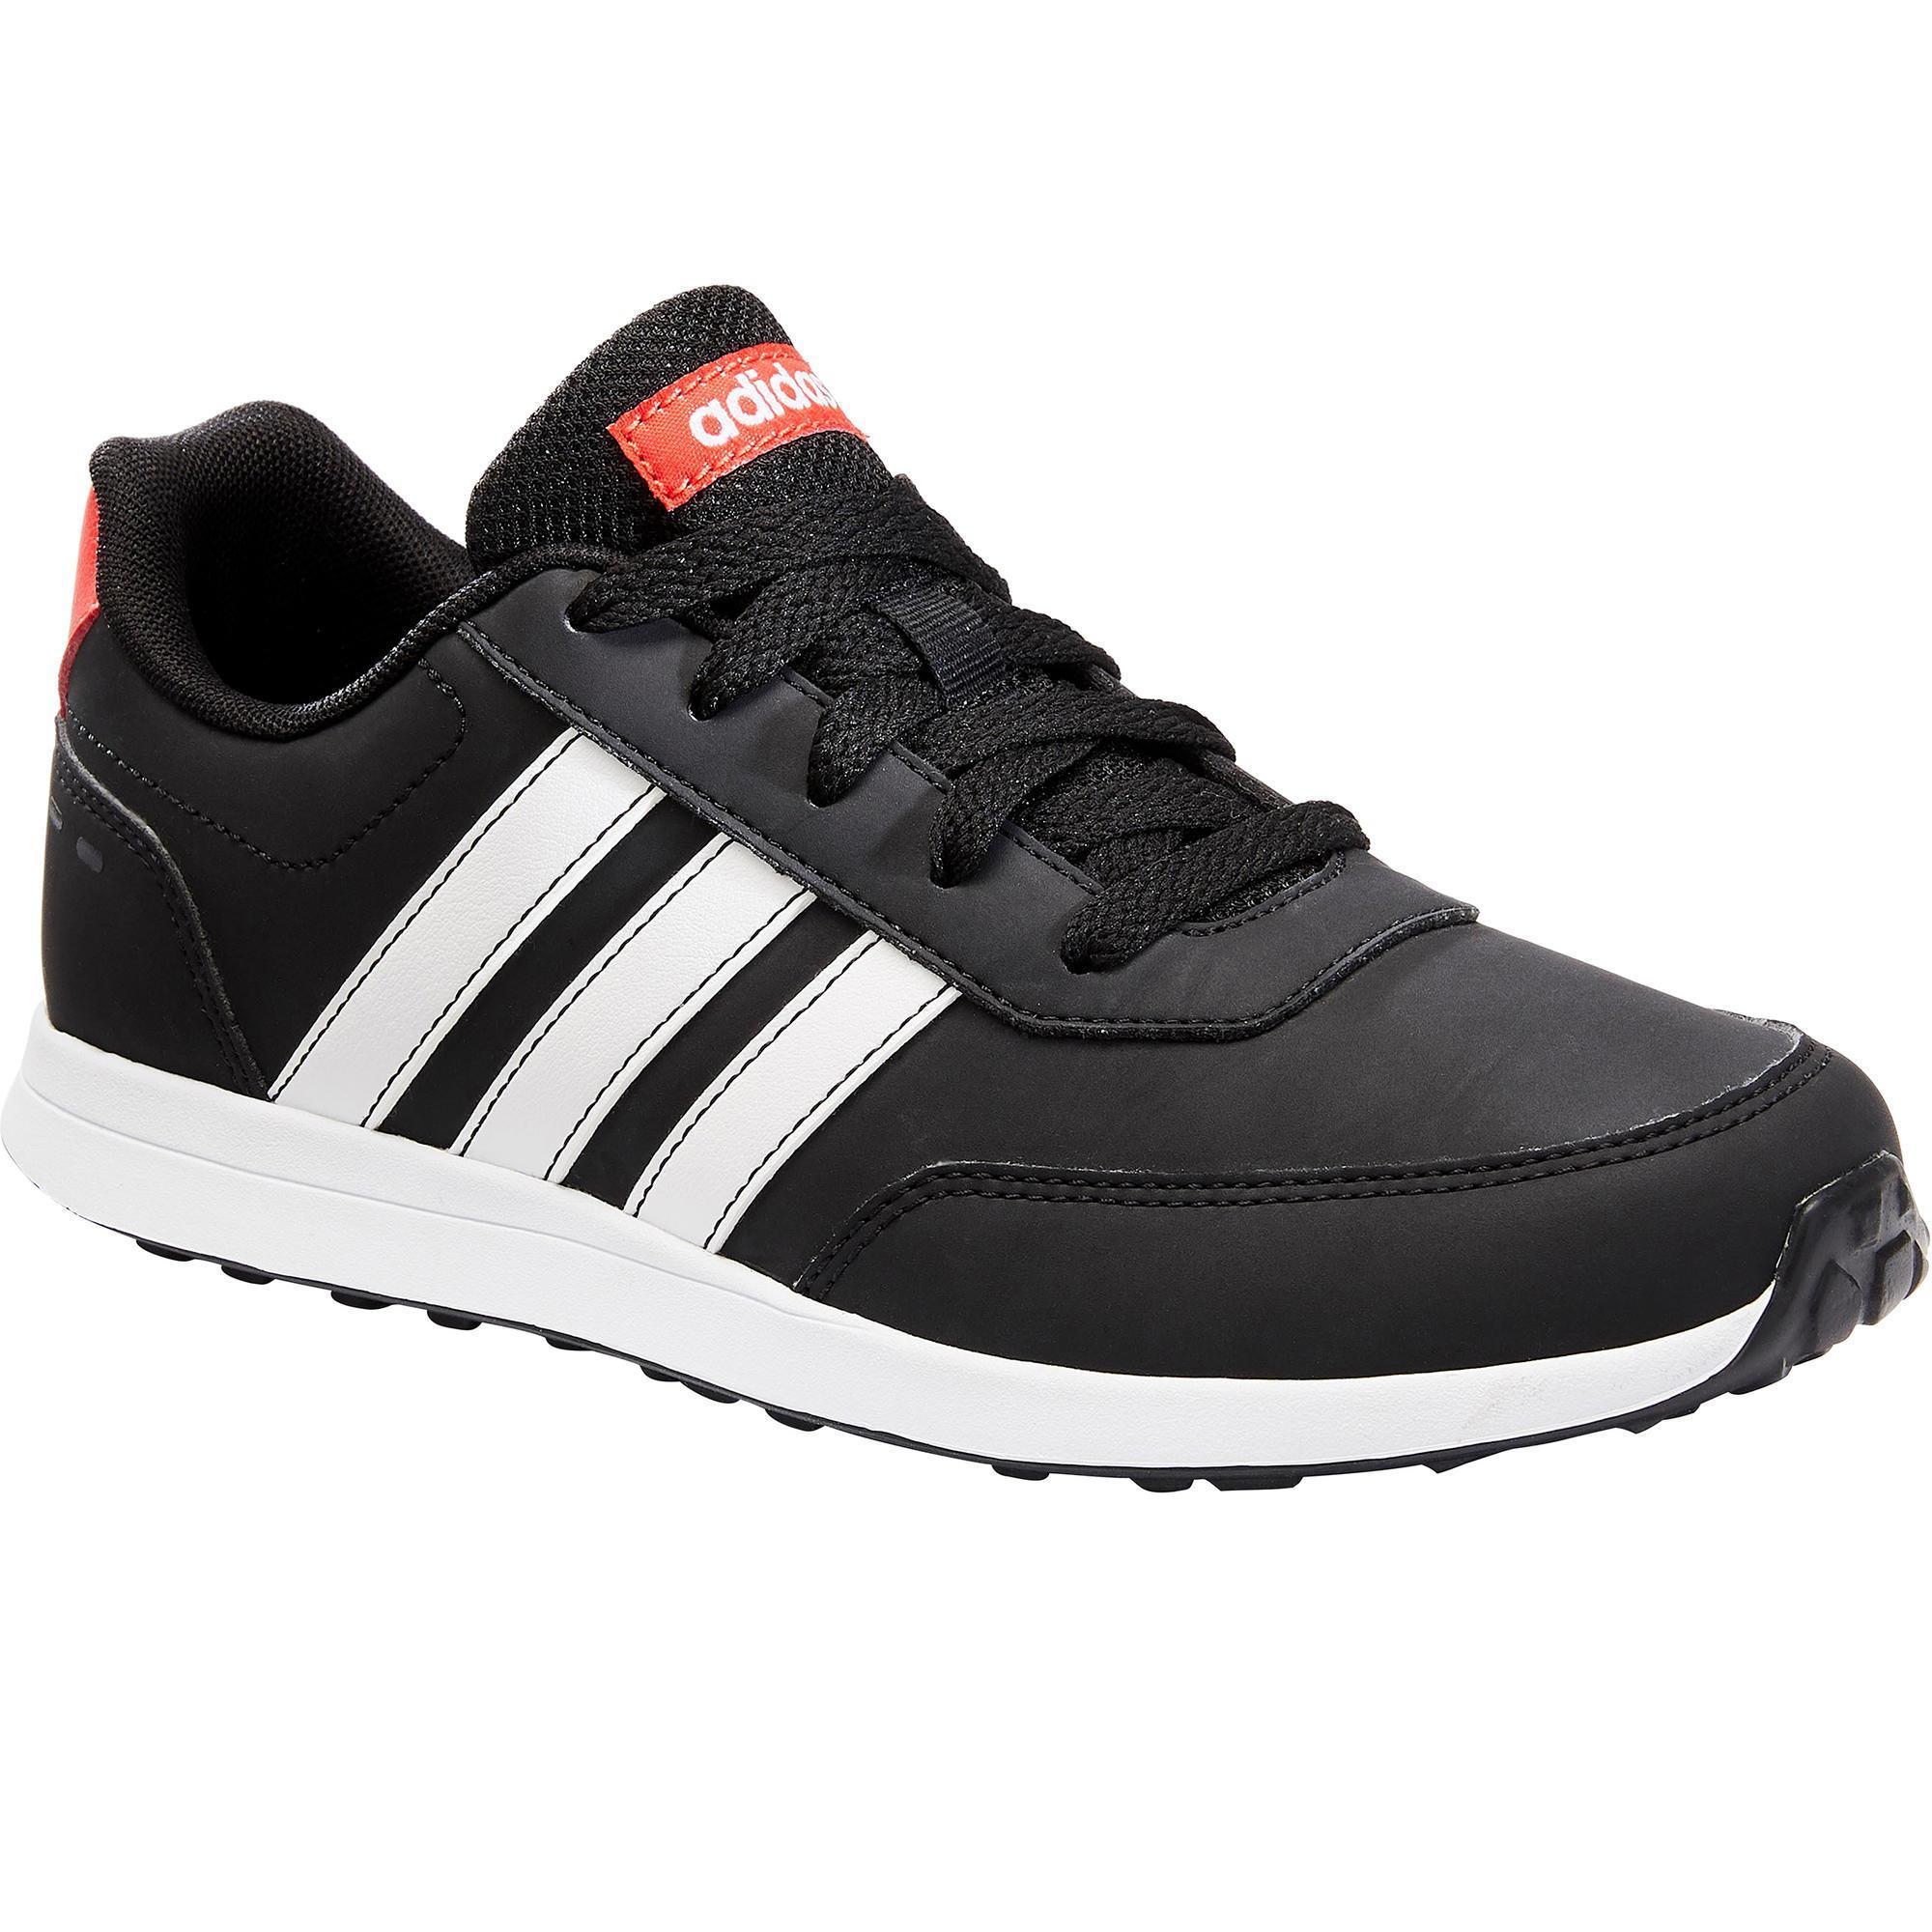 79e6300f7 Comprar Zapatillas de Niños para Andar